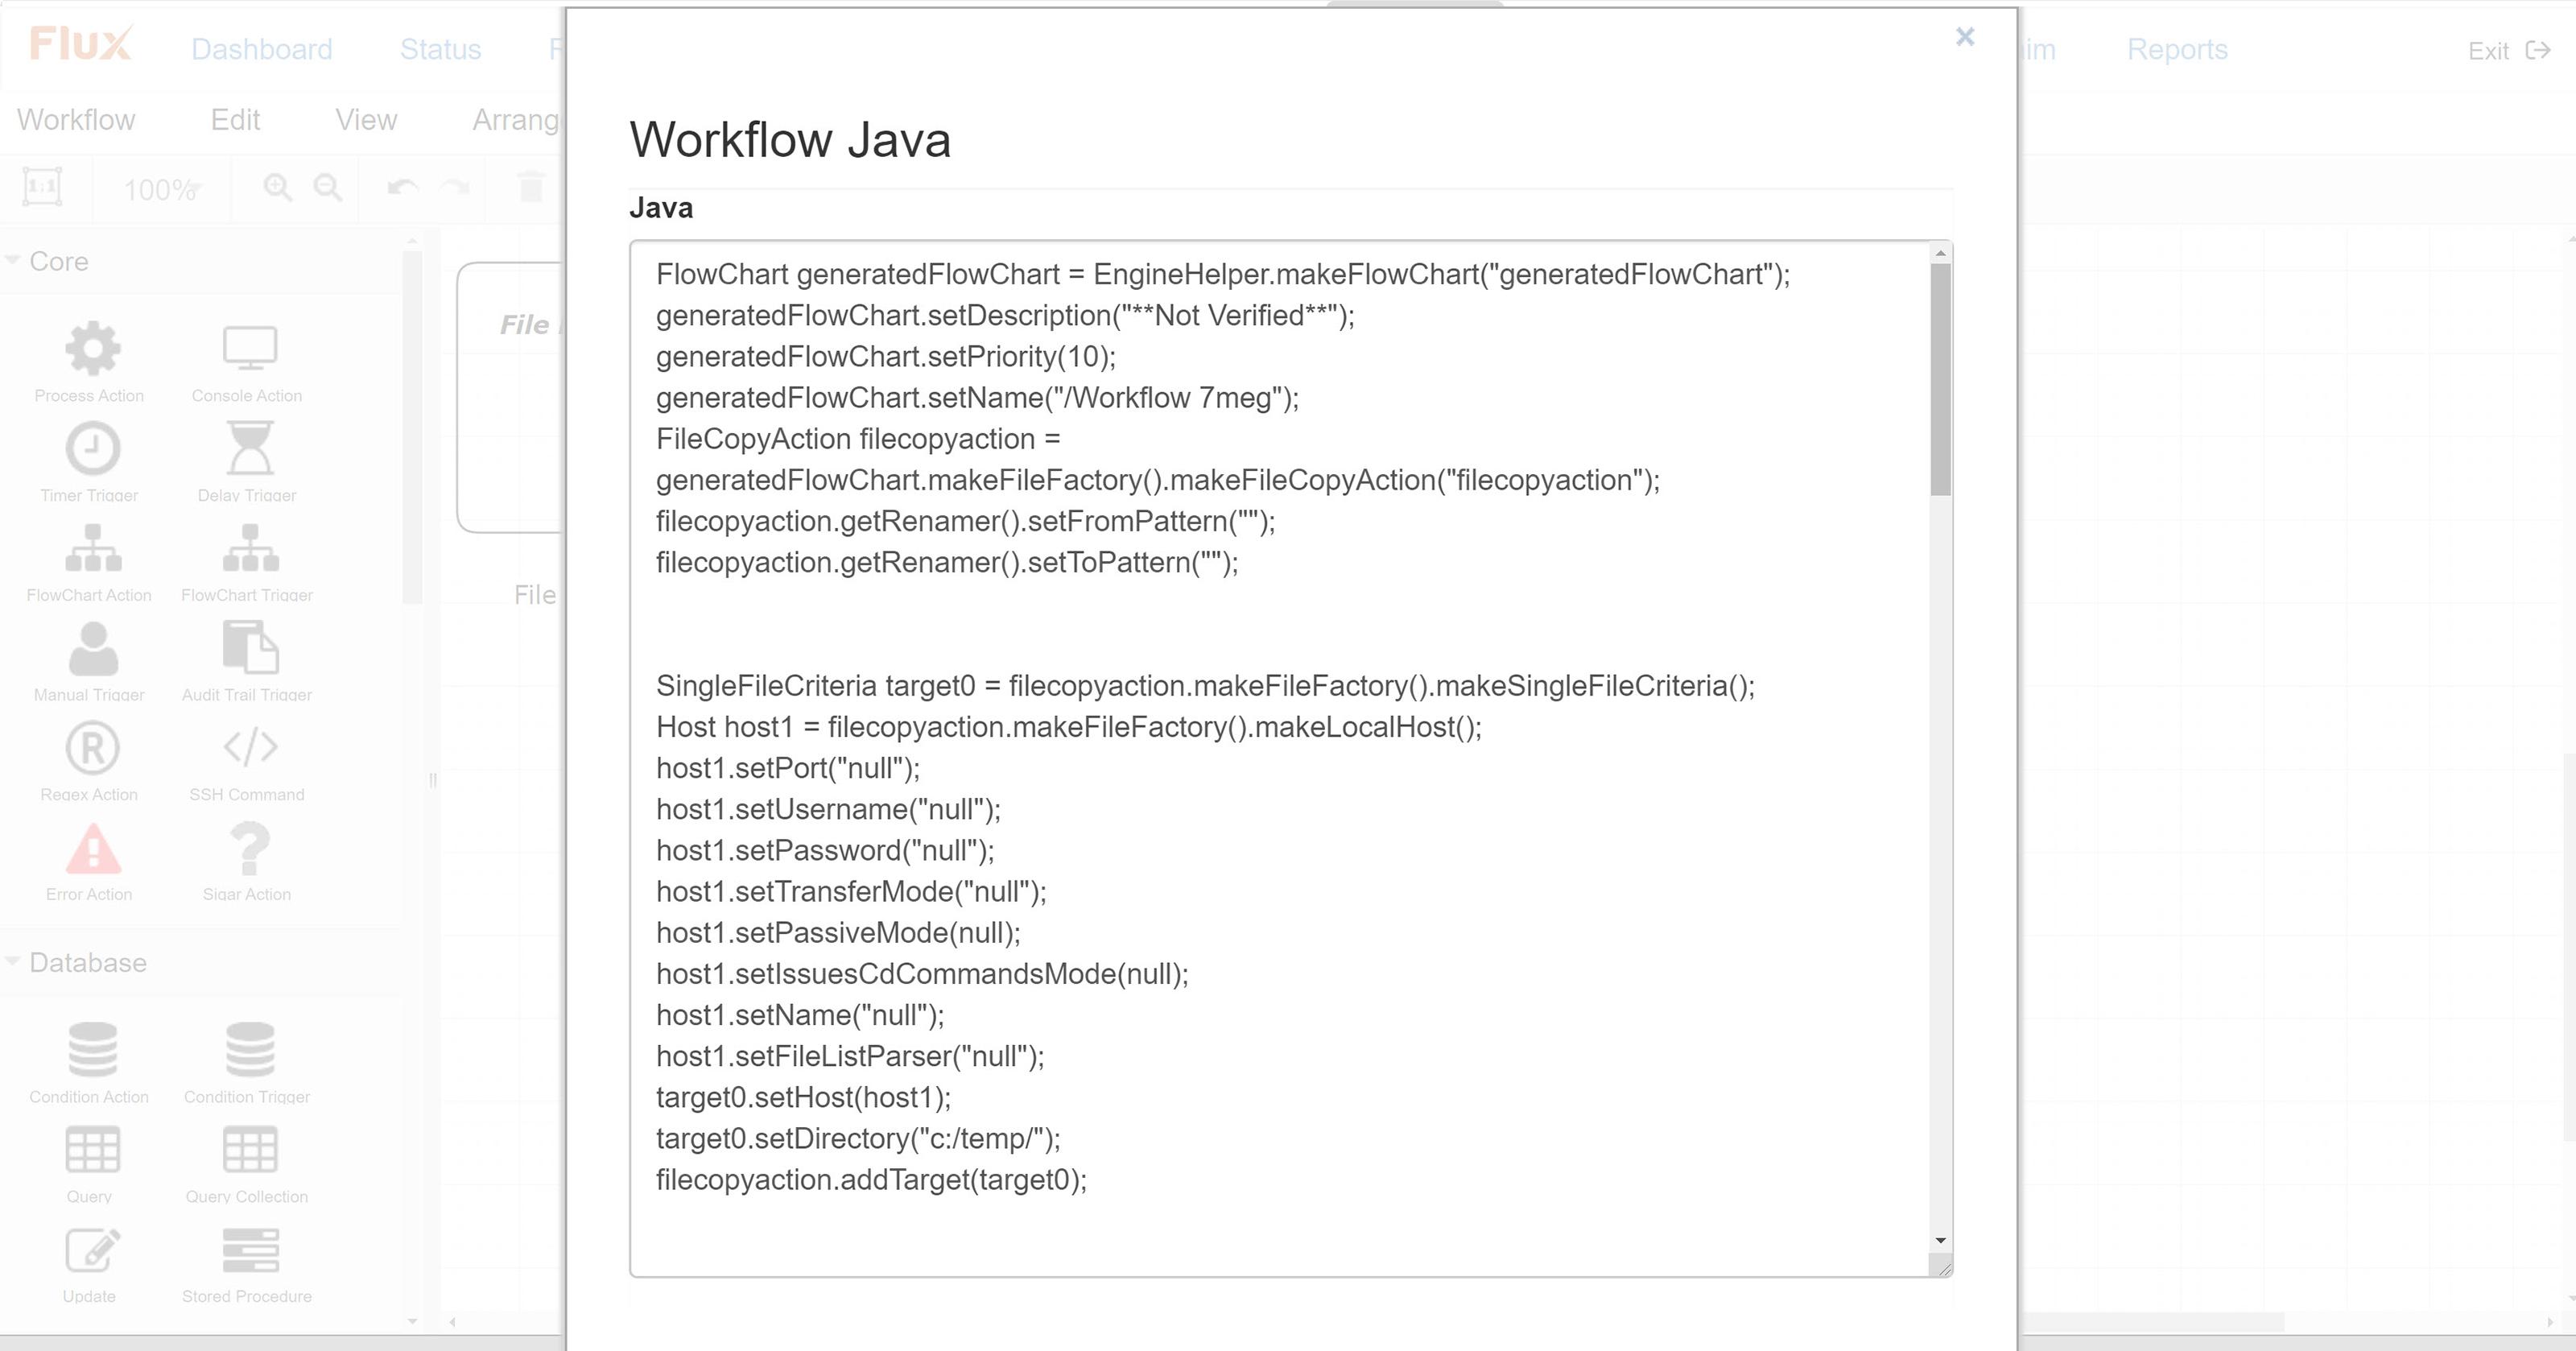 Flux job as code screenshot